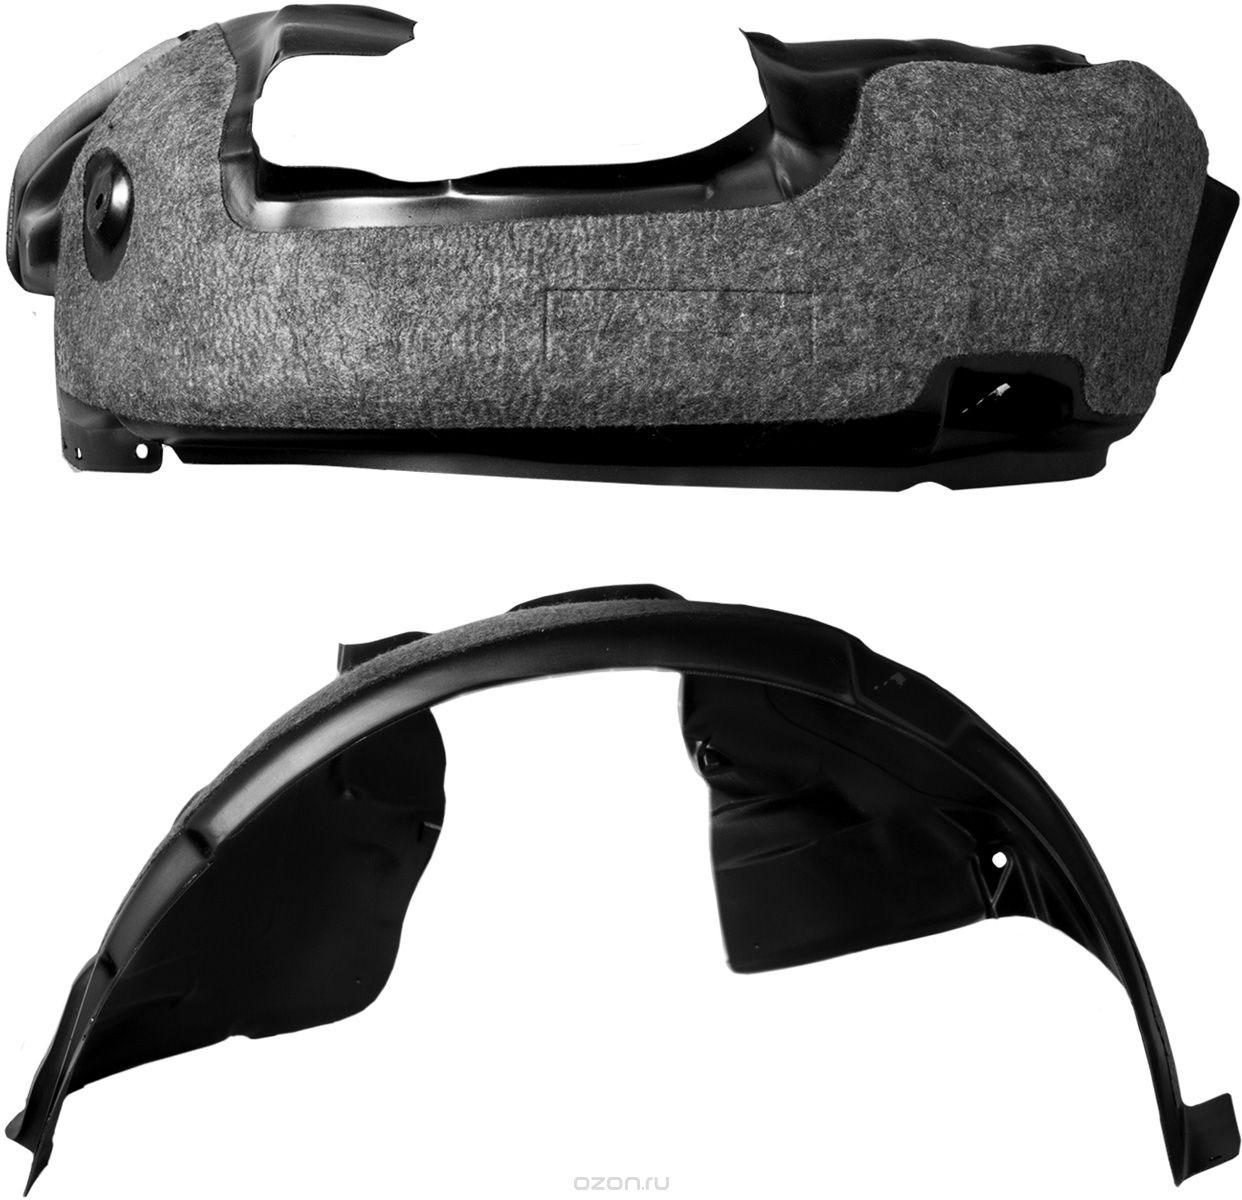 Подкрылок Novline-Autofamily, с шумоизоляцией, для RENAULT Sandero Stepway, 11/2014->, хб., задний левый000414Идеальная защита колесной ниши. Локеры разработаны с применением цифровых технологий, гарантируют максимальную повторяемость поверхности арки. Изделия устанавливаются без нарушения лакокрасочного покрытия автомобиля, каждый подкрылок комплектуется крепежом. Уважаемые клиенты, обращаем ваше внимание, что фотографии на подкрылки универсальные и не отражают реальную форму изделия. При этом само изделие идет точно под размер указанного автомобиля.